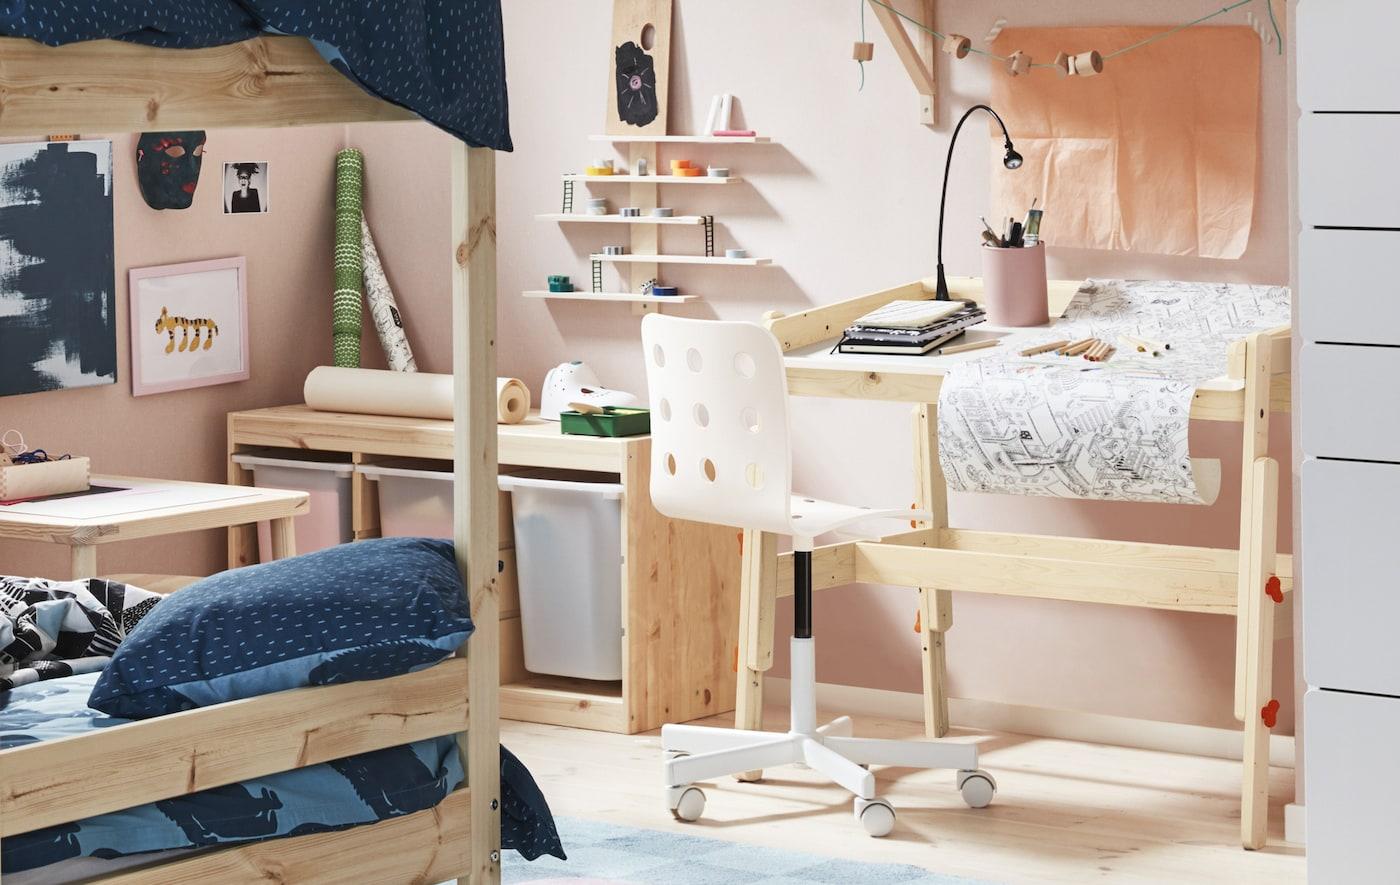 Murs rose clair et meubles en bois clair, comprenant un bureau et des lits superposés.